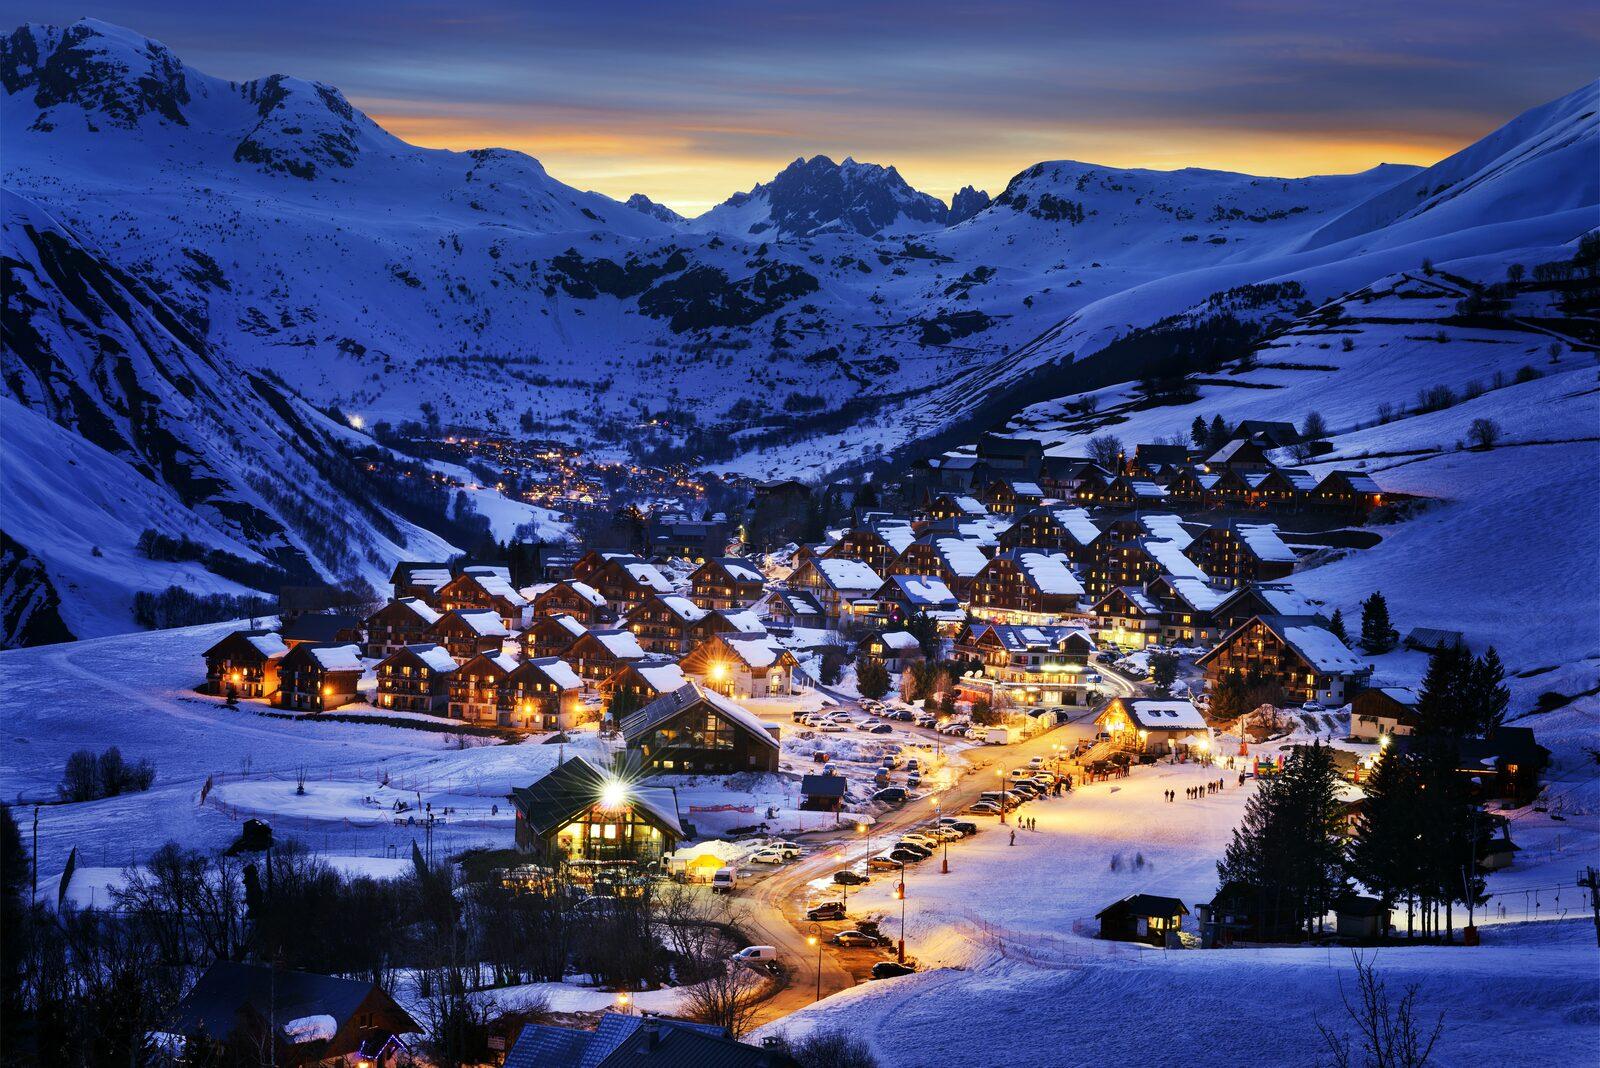 Night skiing Les Portes du Soleil